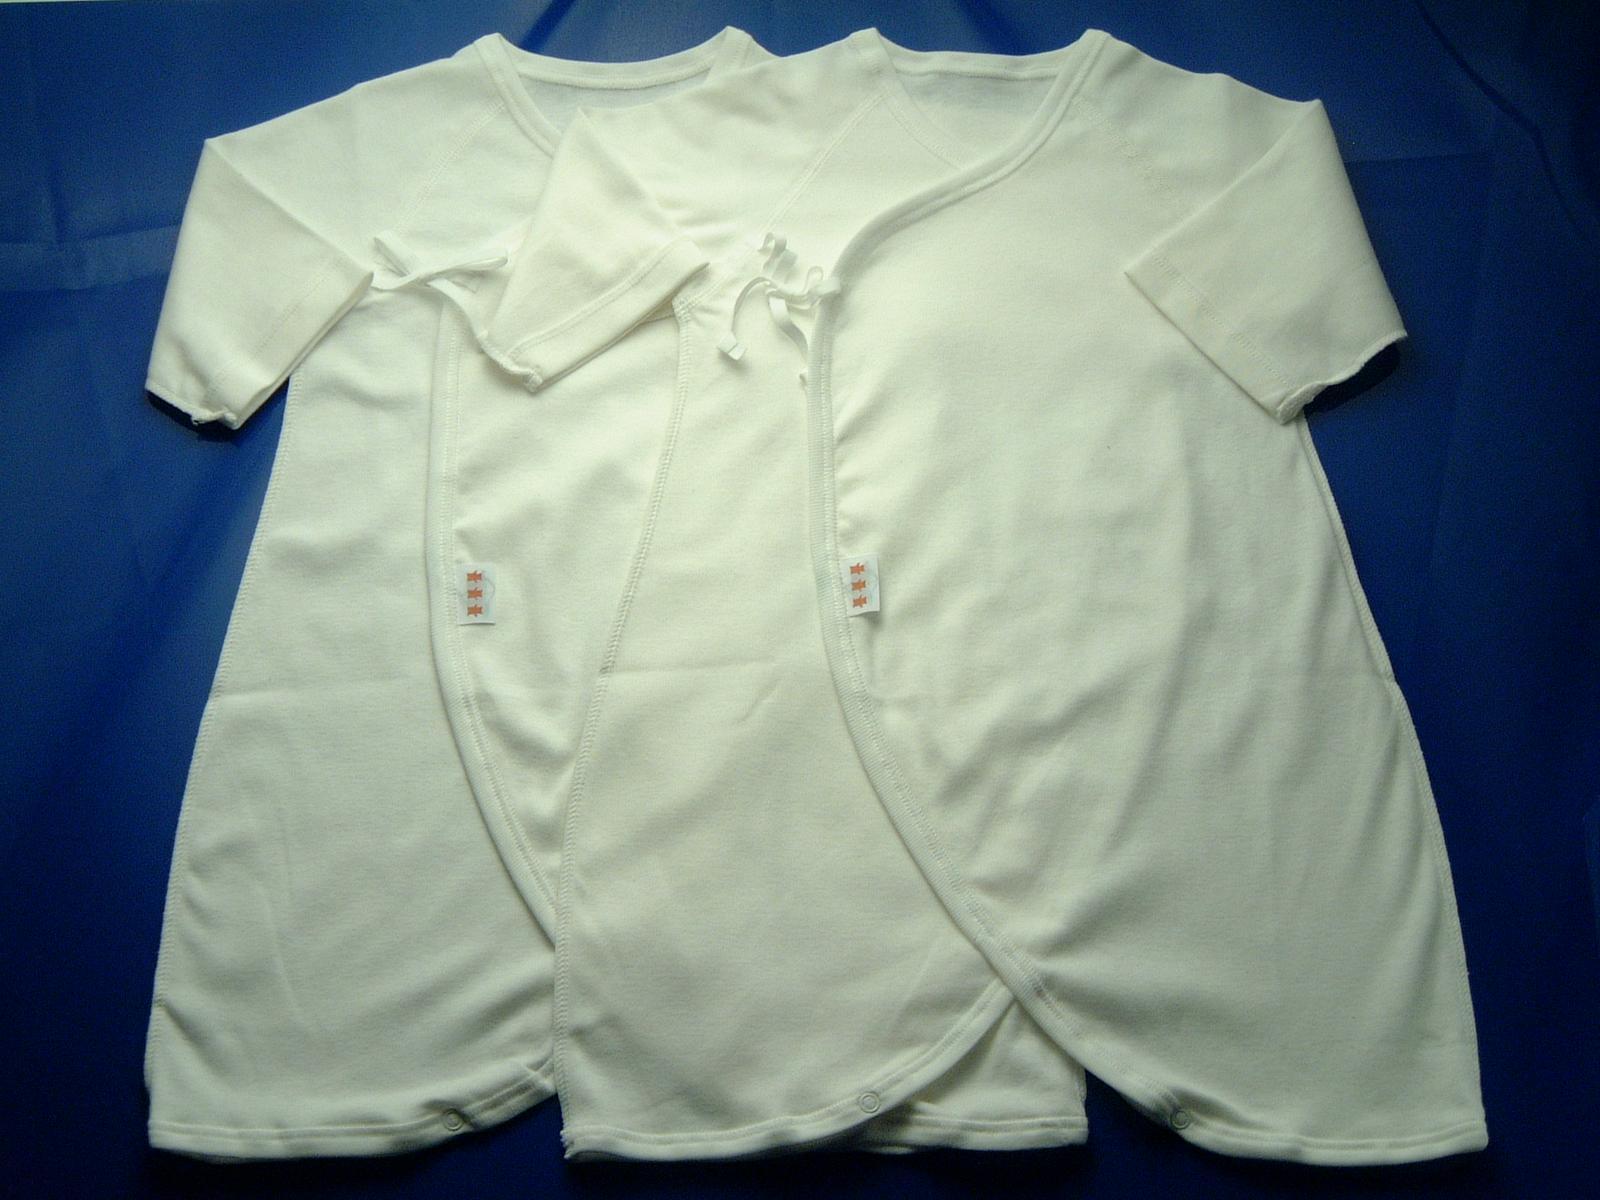 ナカムラ赤ちゃん店オリジナルコンビ型肌着2枚組 60cm【Y】